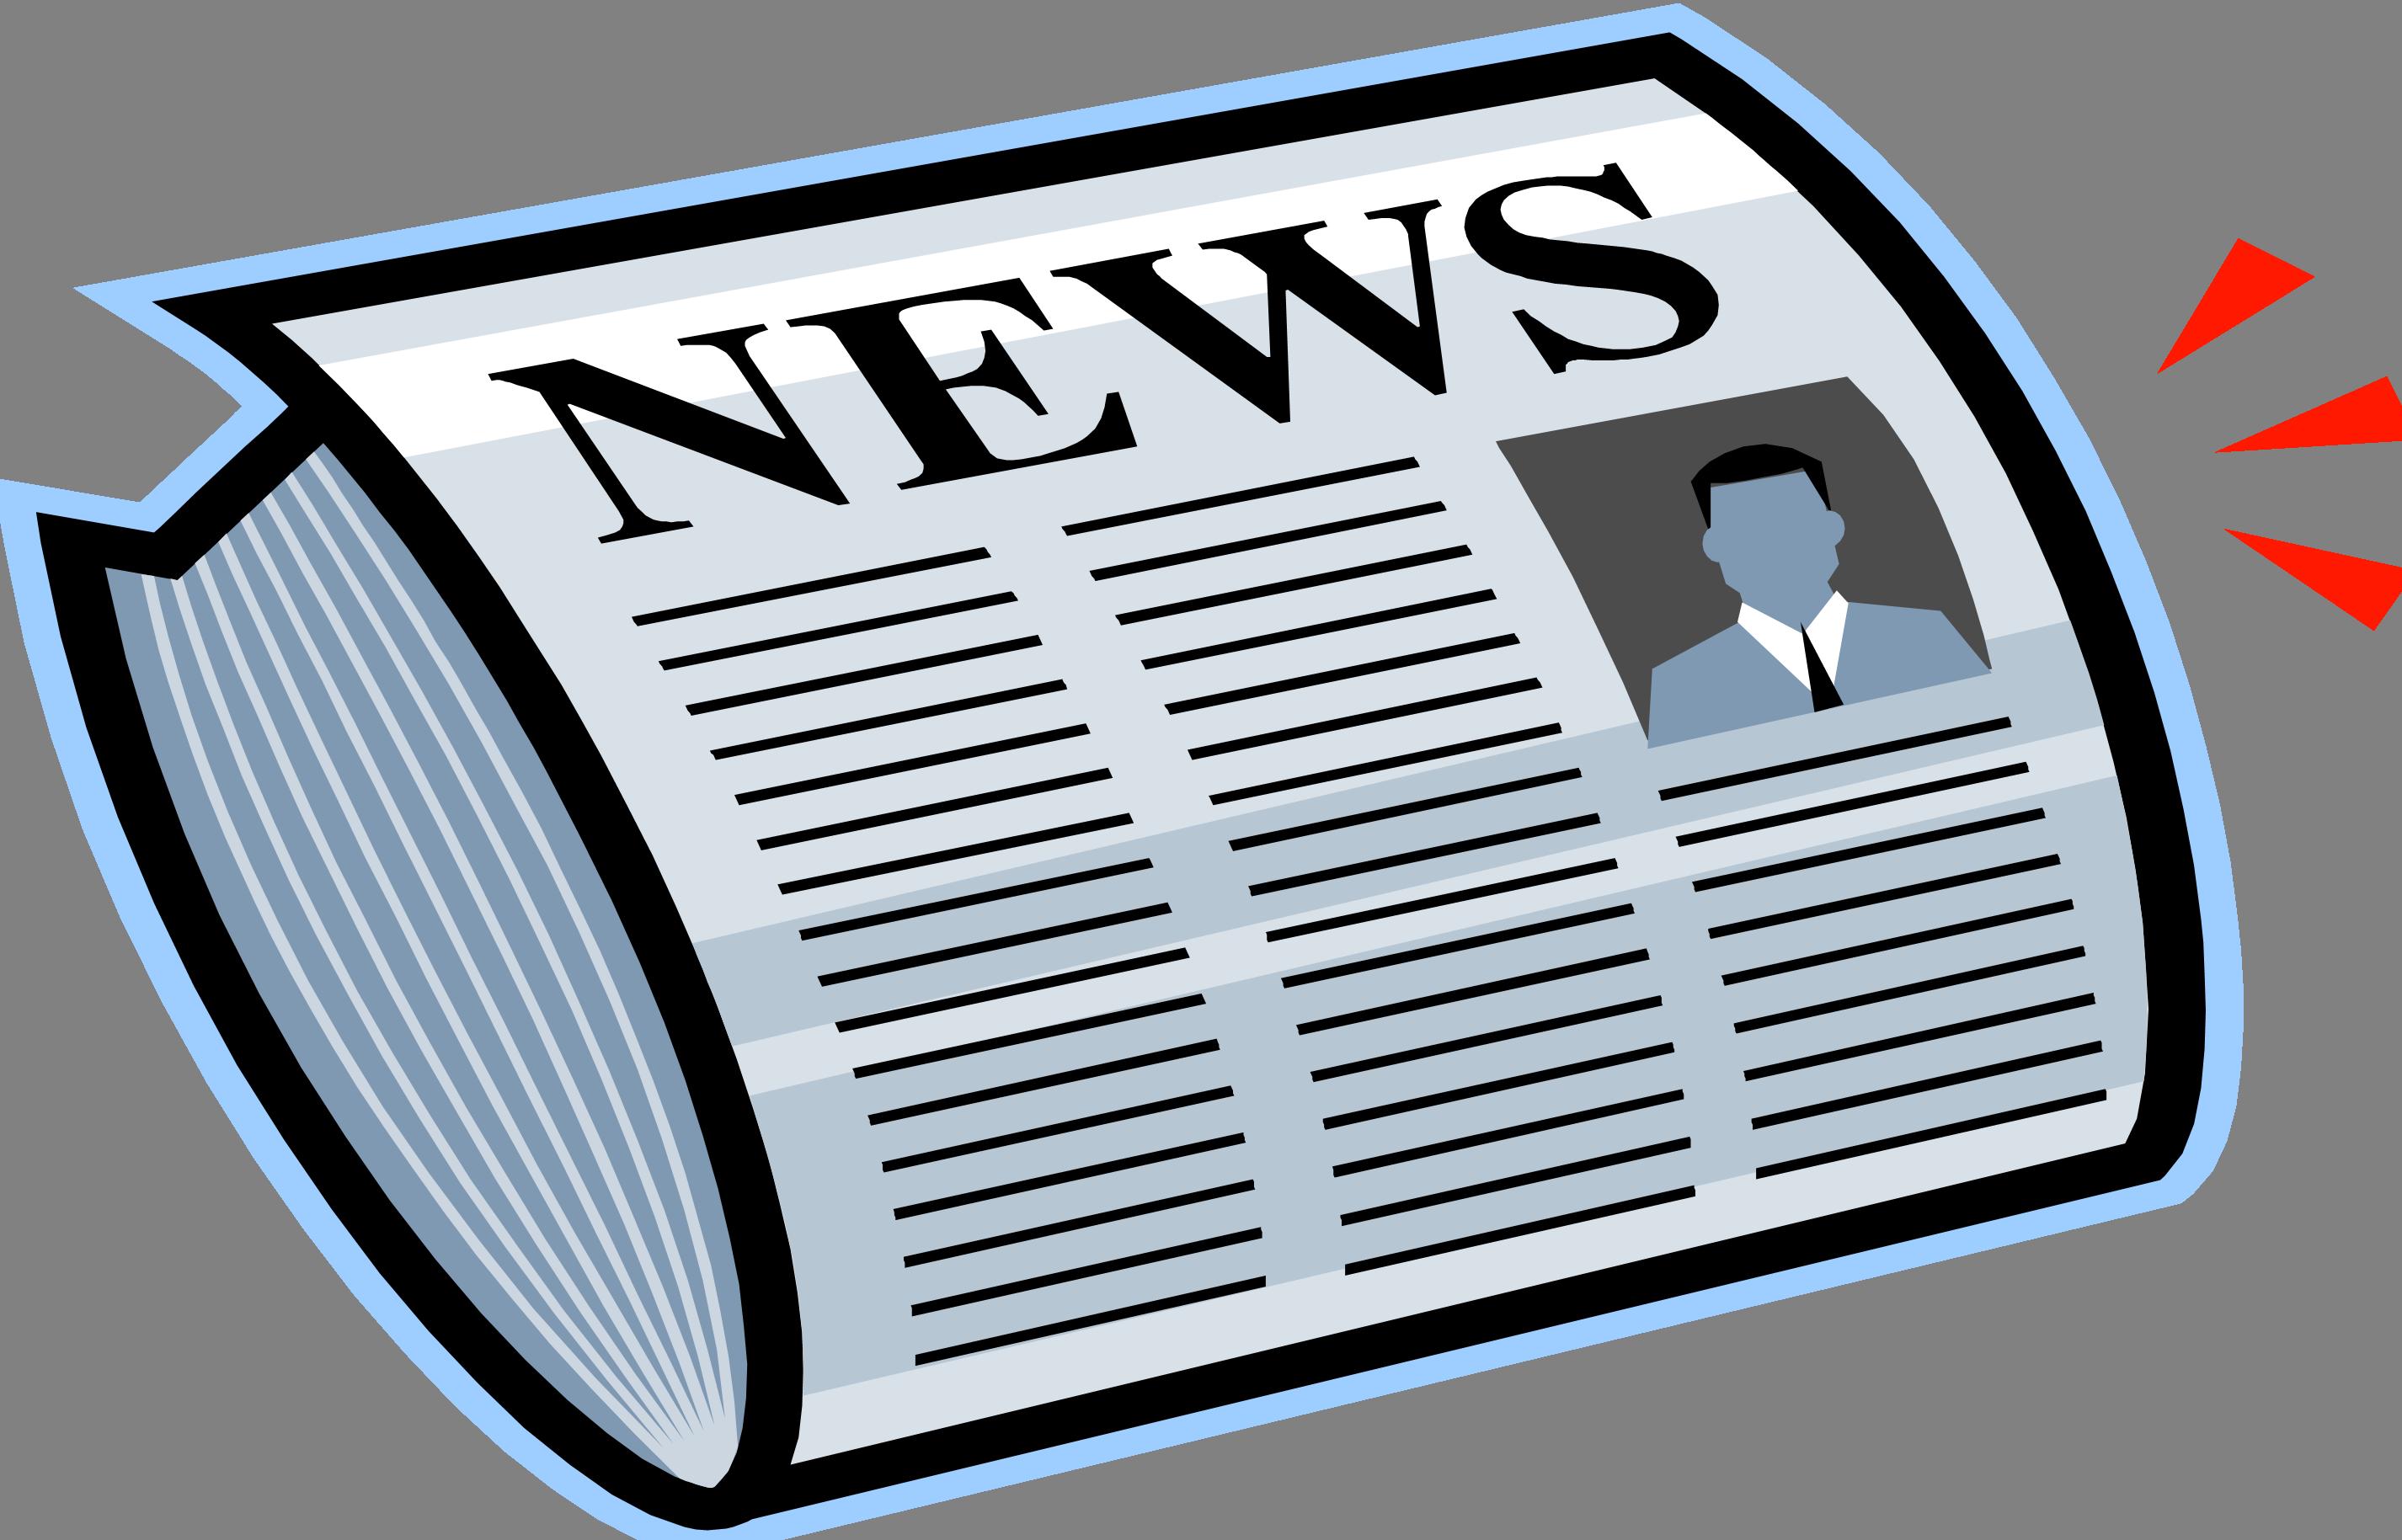 News clipart newpaper. Articles